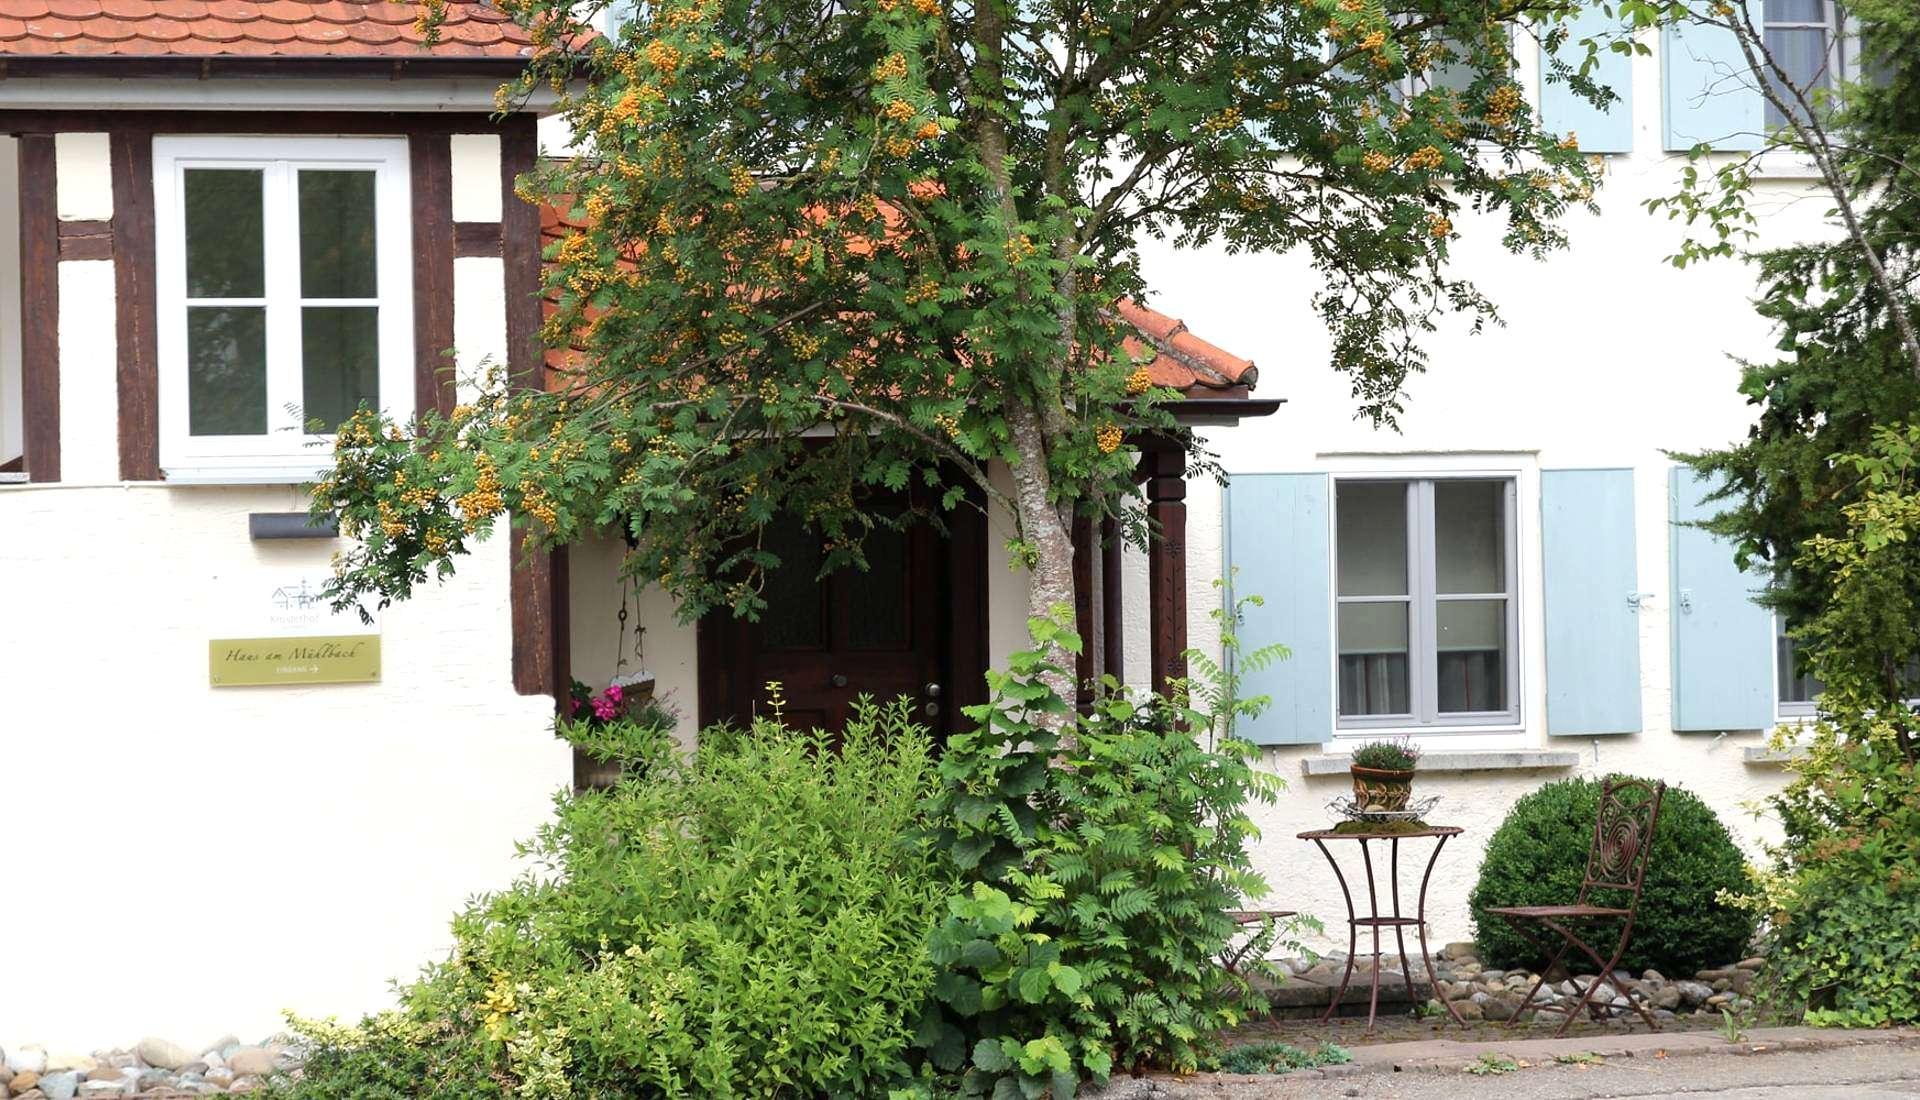 Slide Haus am Mühlbach - background2 1920x1100